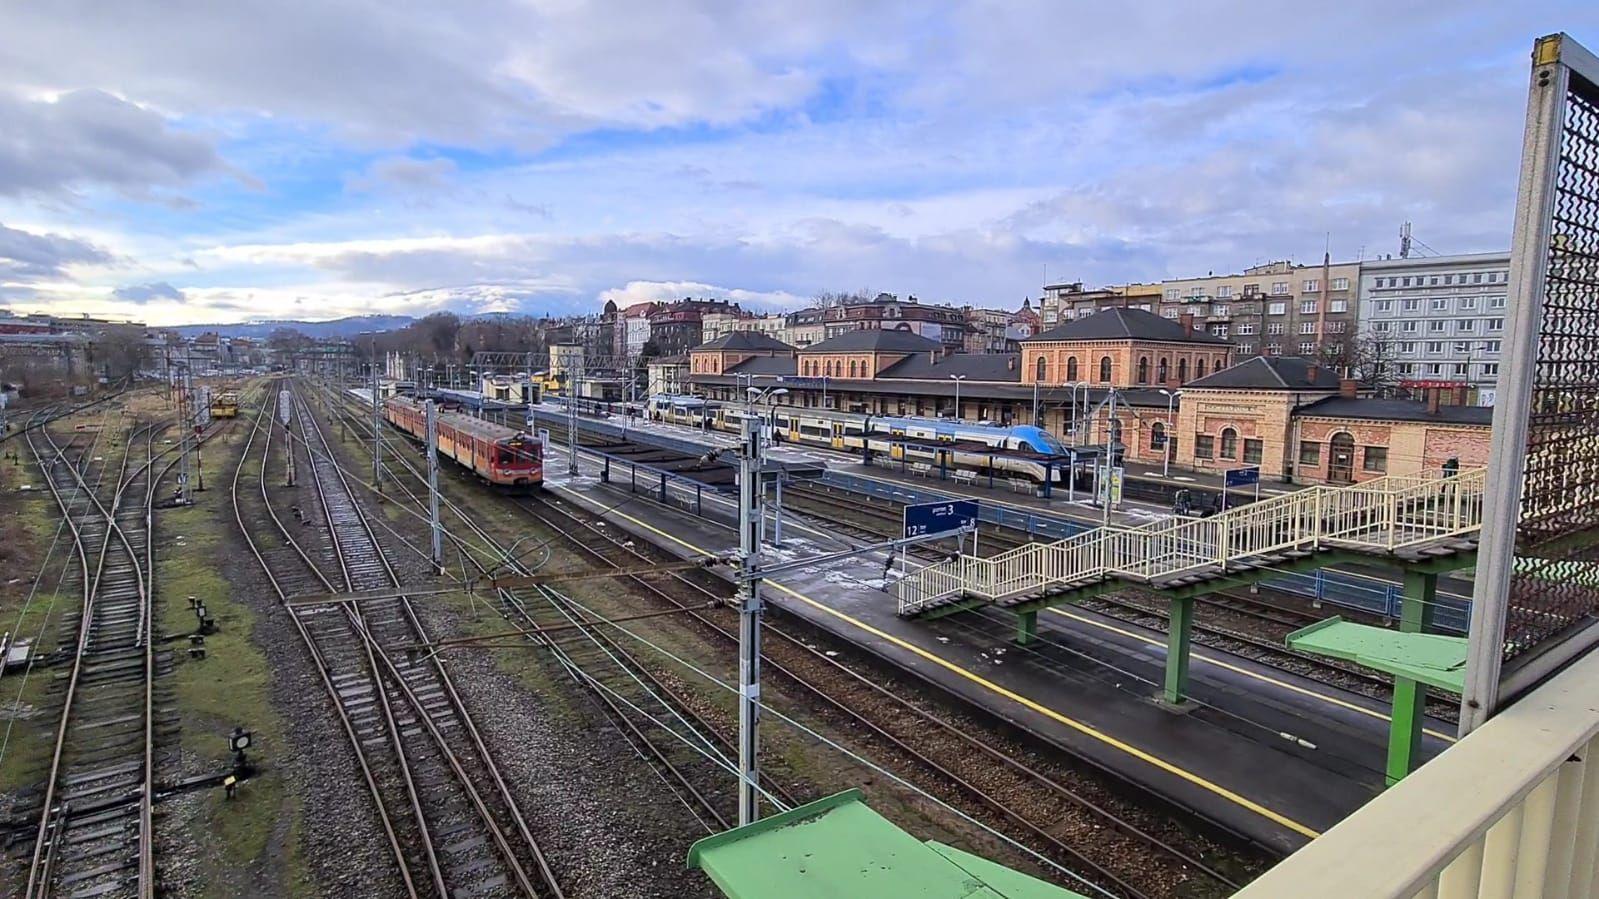 Nowe połączenie InterCity Szyndzielnia: Bielsko-Biała - Ustka